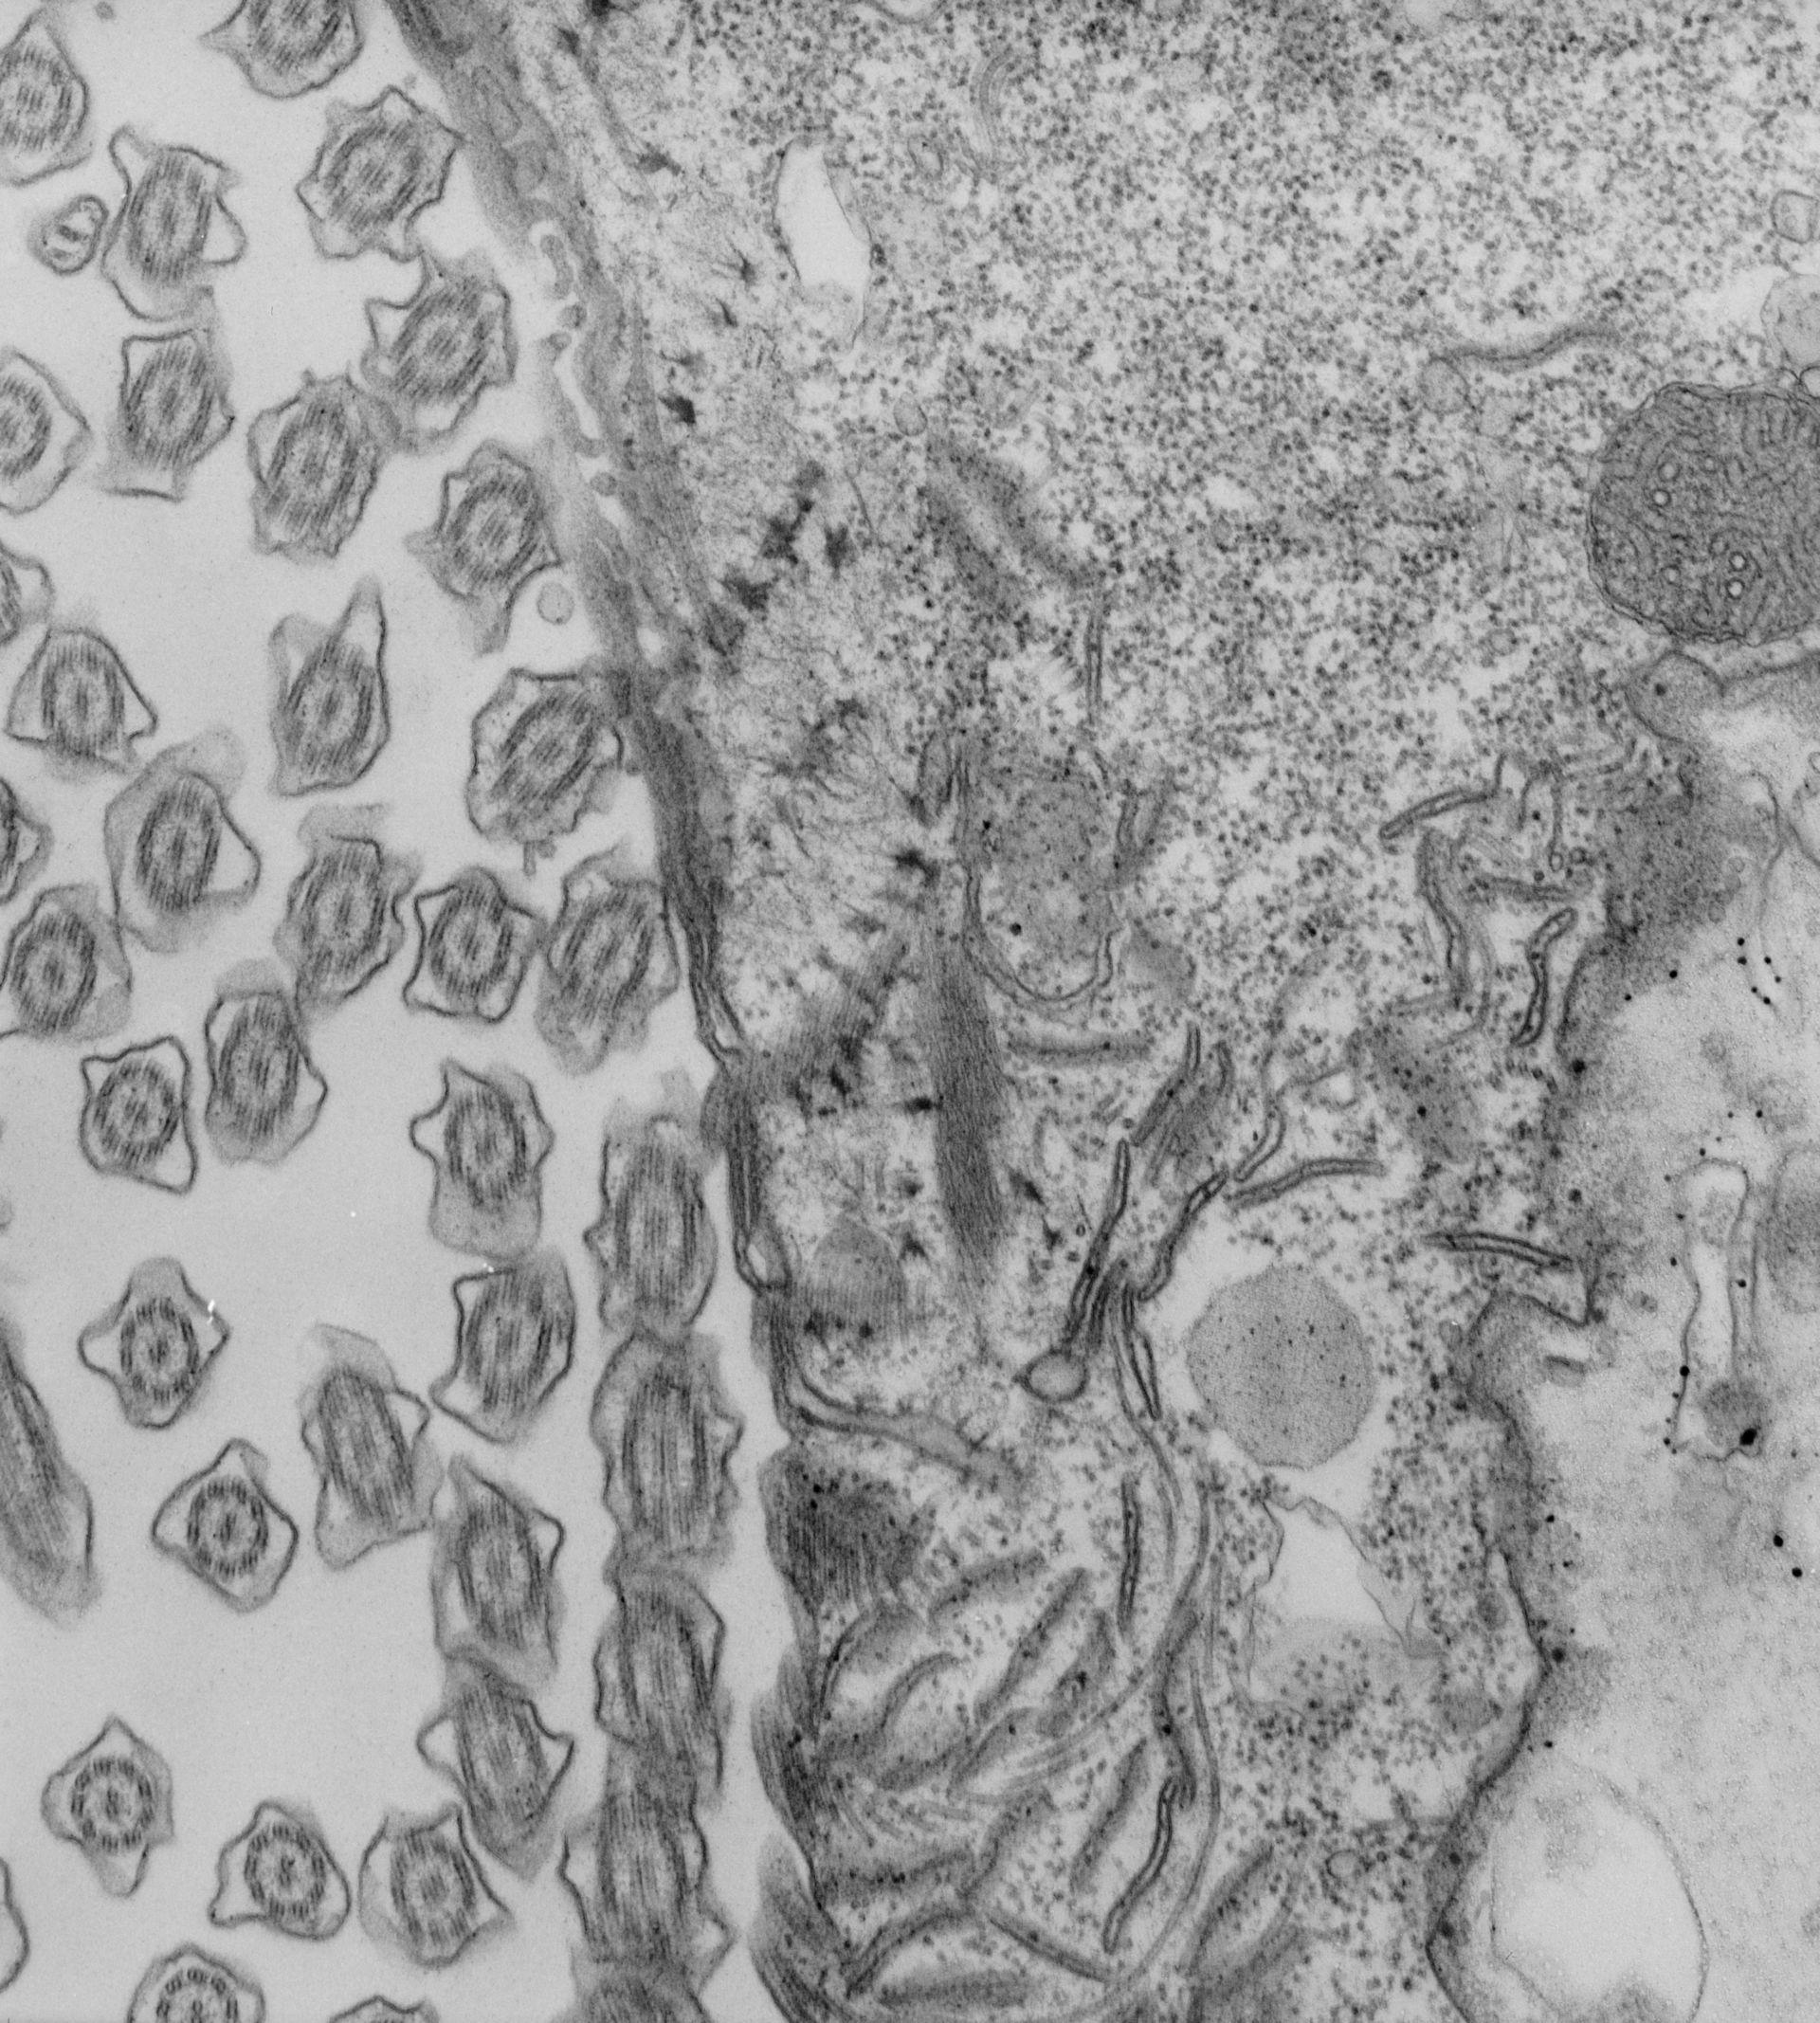 Paramecium caudatum (apparato orale) - CIL:39167